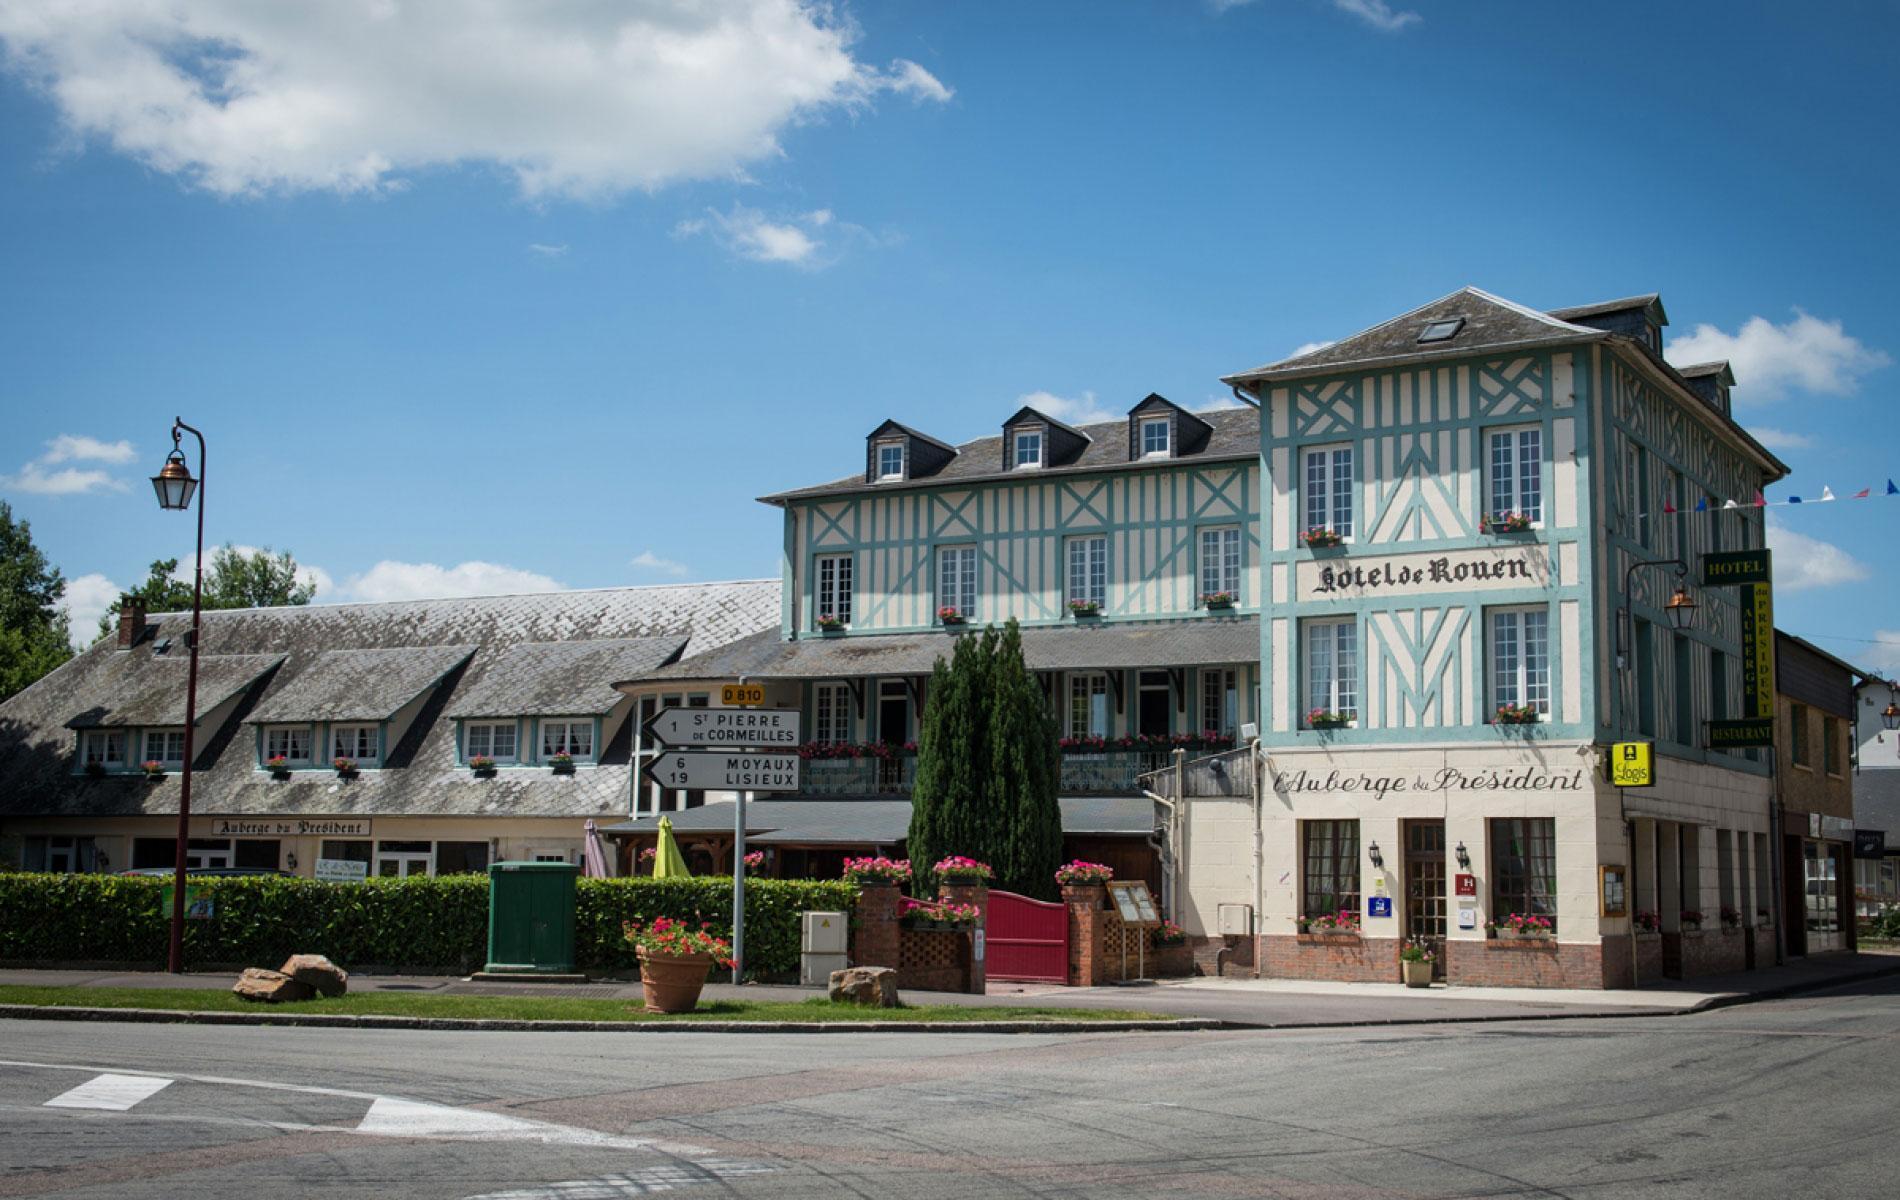 Auberge du Président - Hotel de charme en Normandie